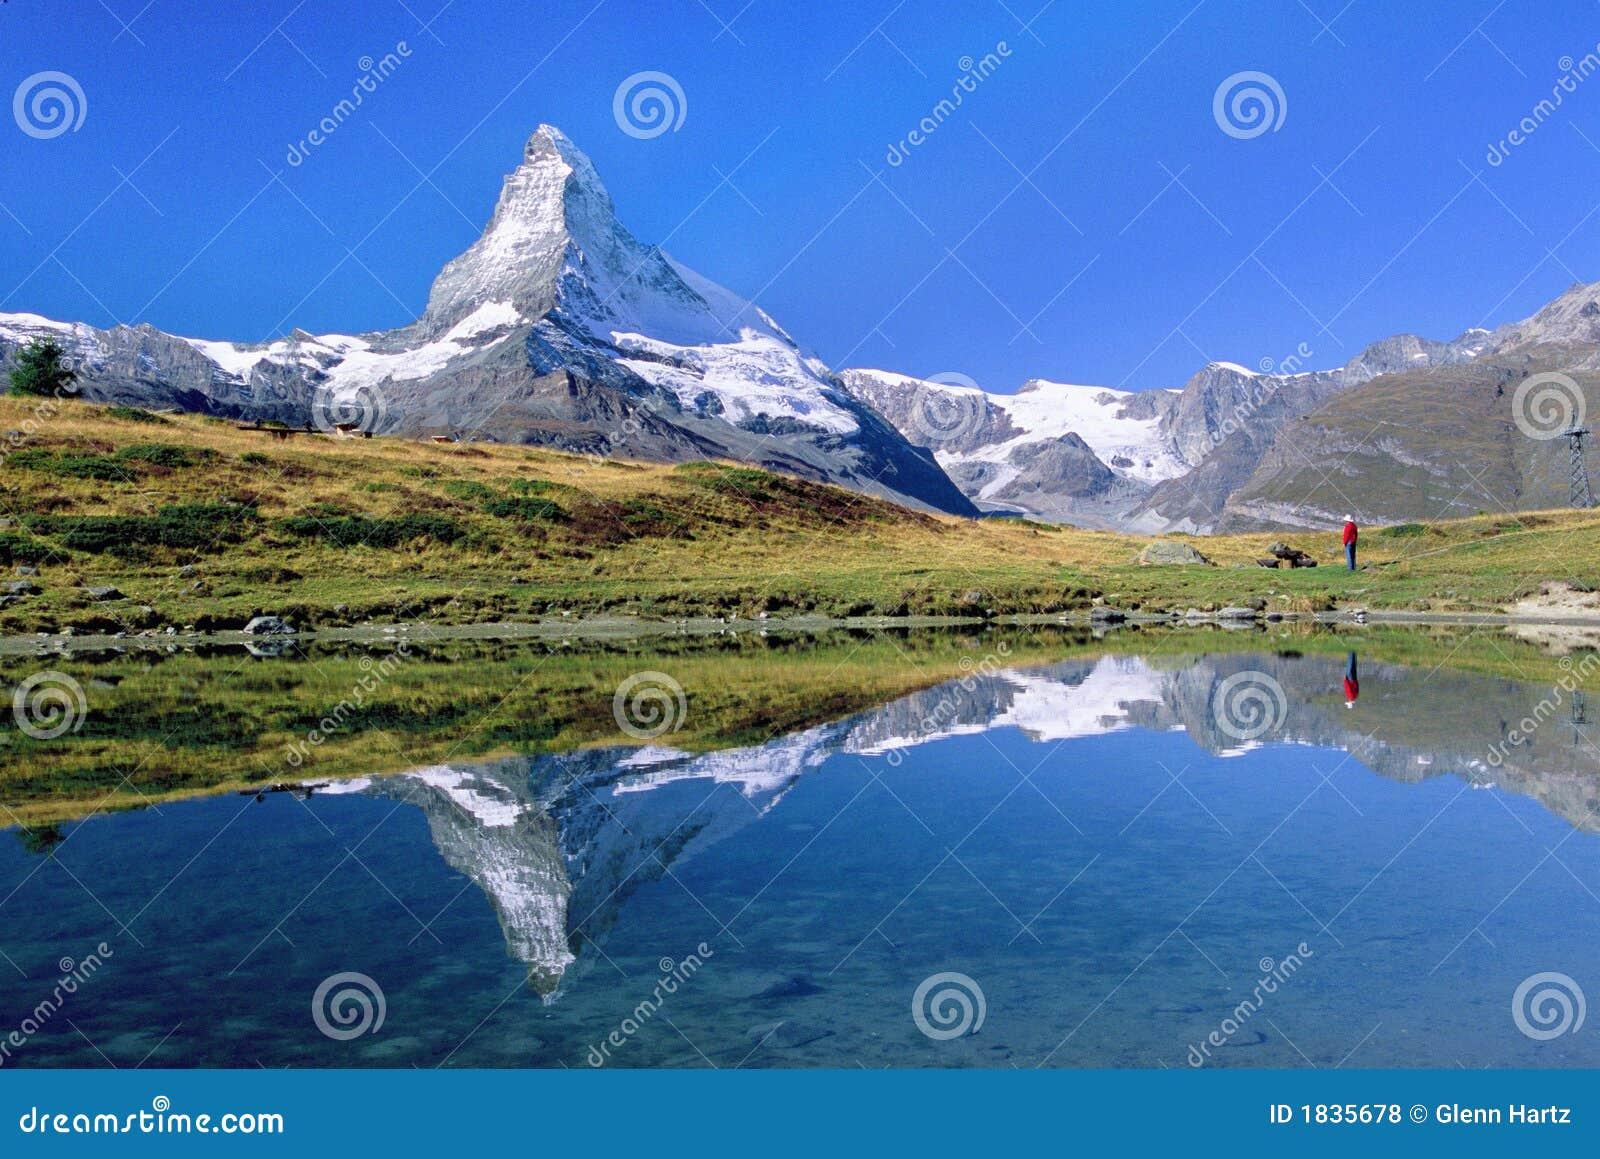 Matterhorn wycieczkowicza patrzenia